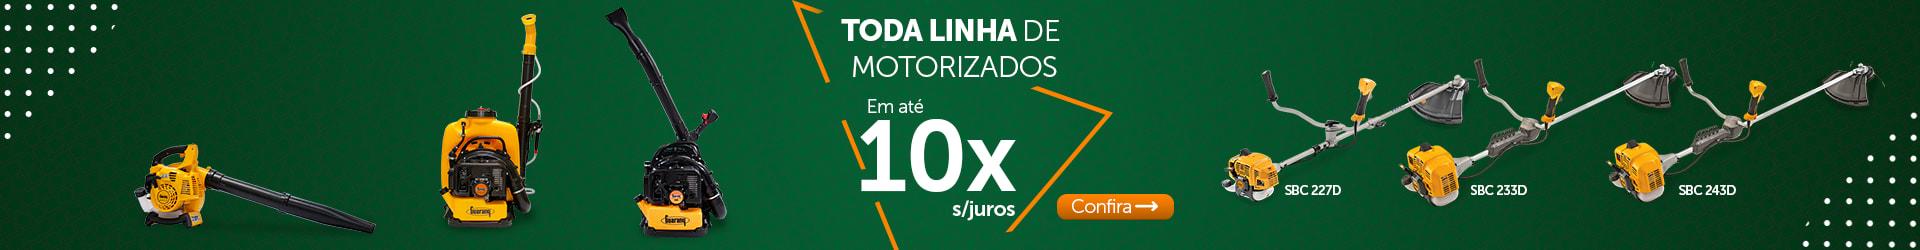 Nova Linha Guarany Motorizada